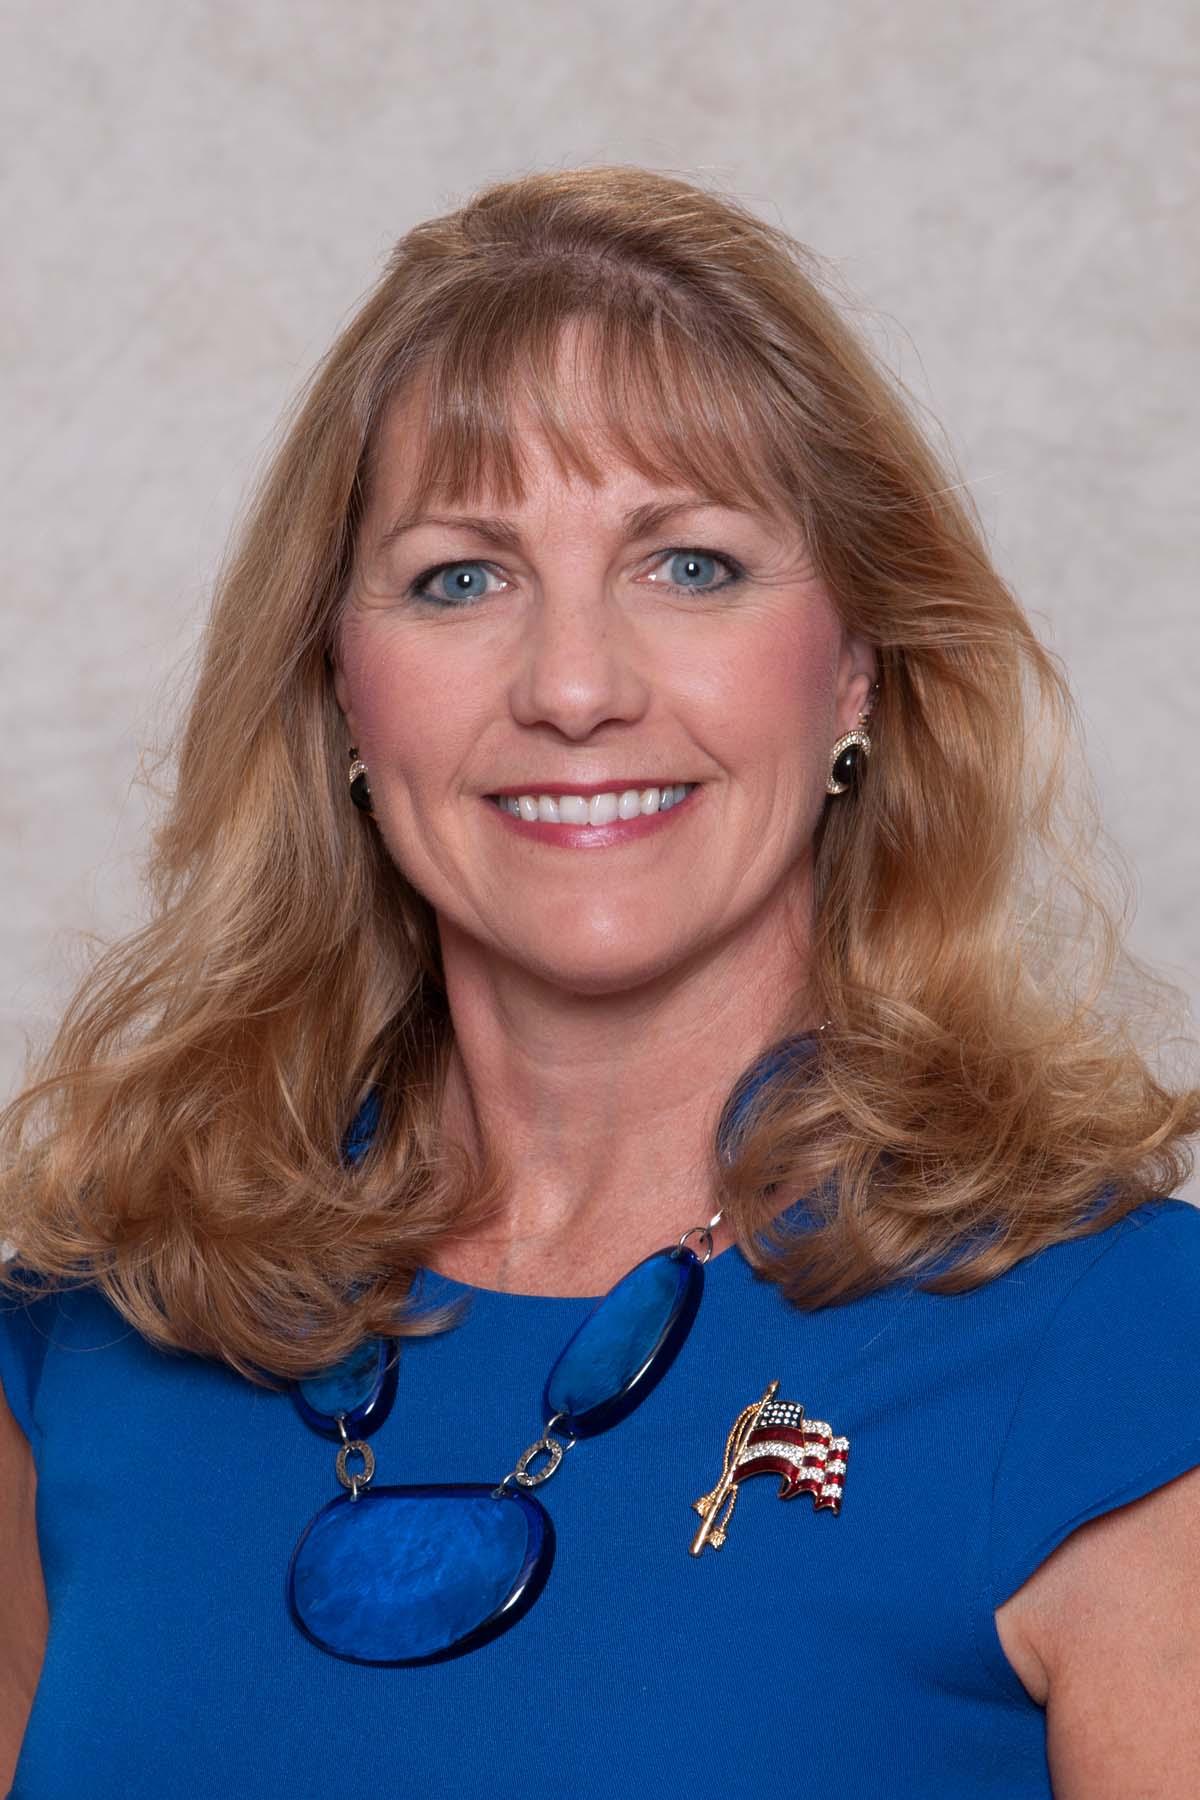 Michelle Hubenschmidt